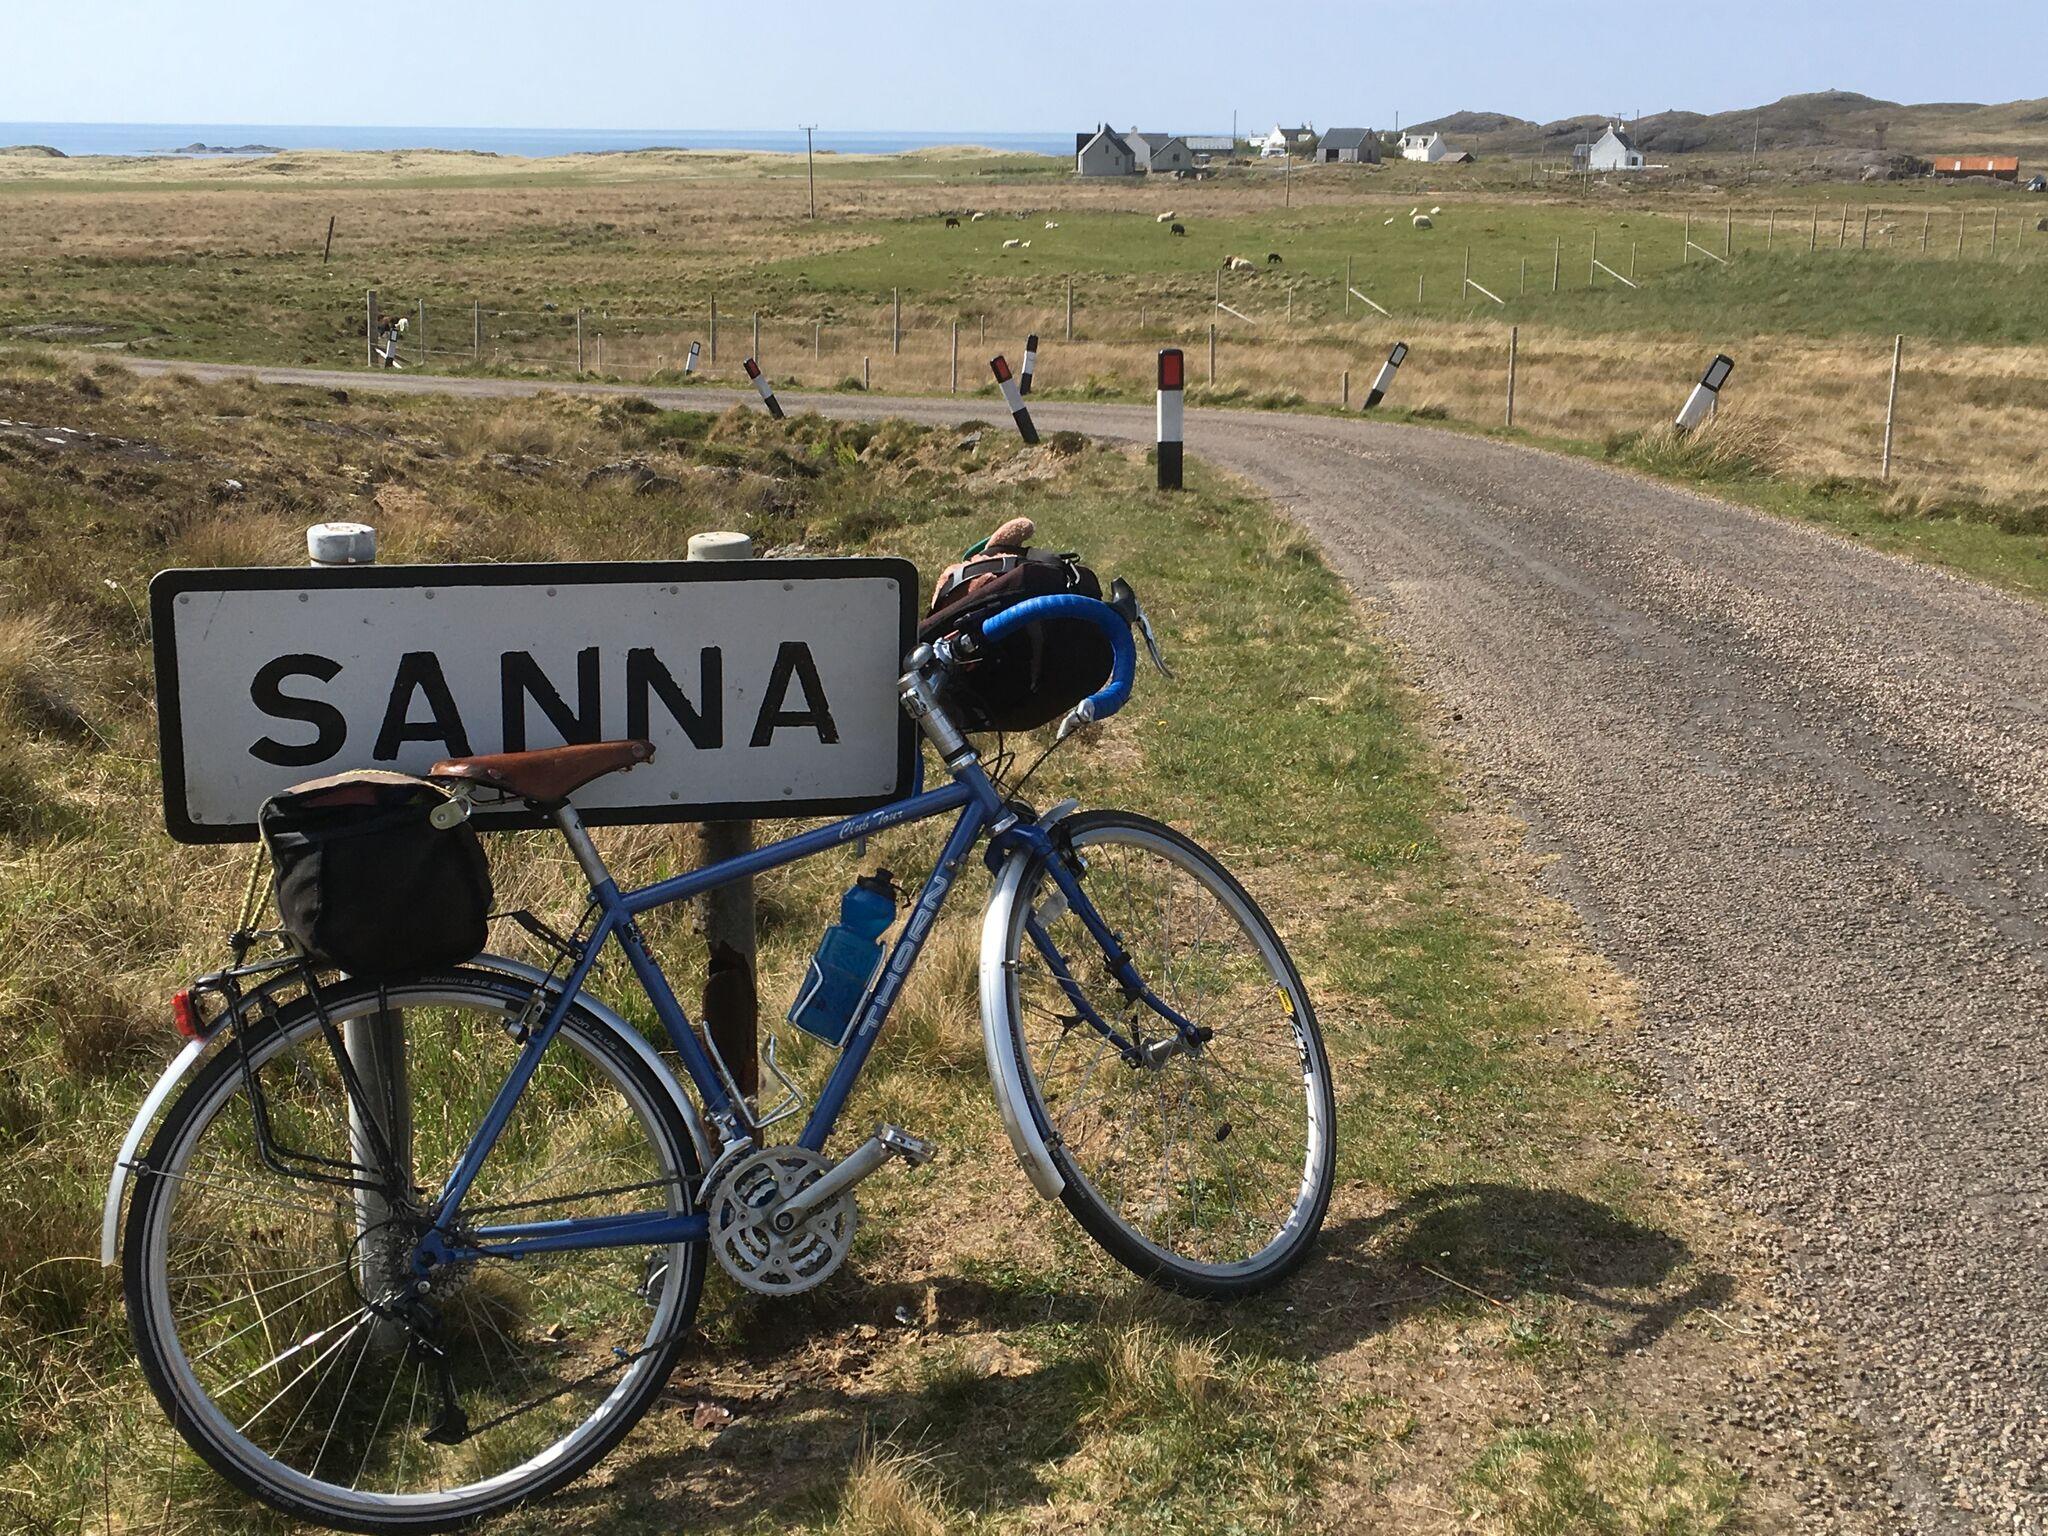 Sanna